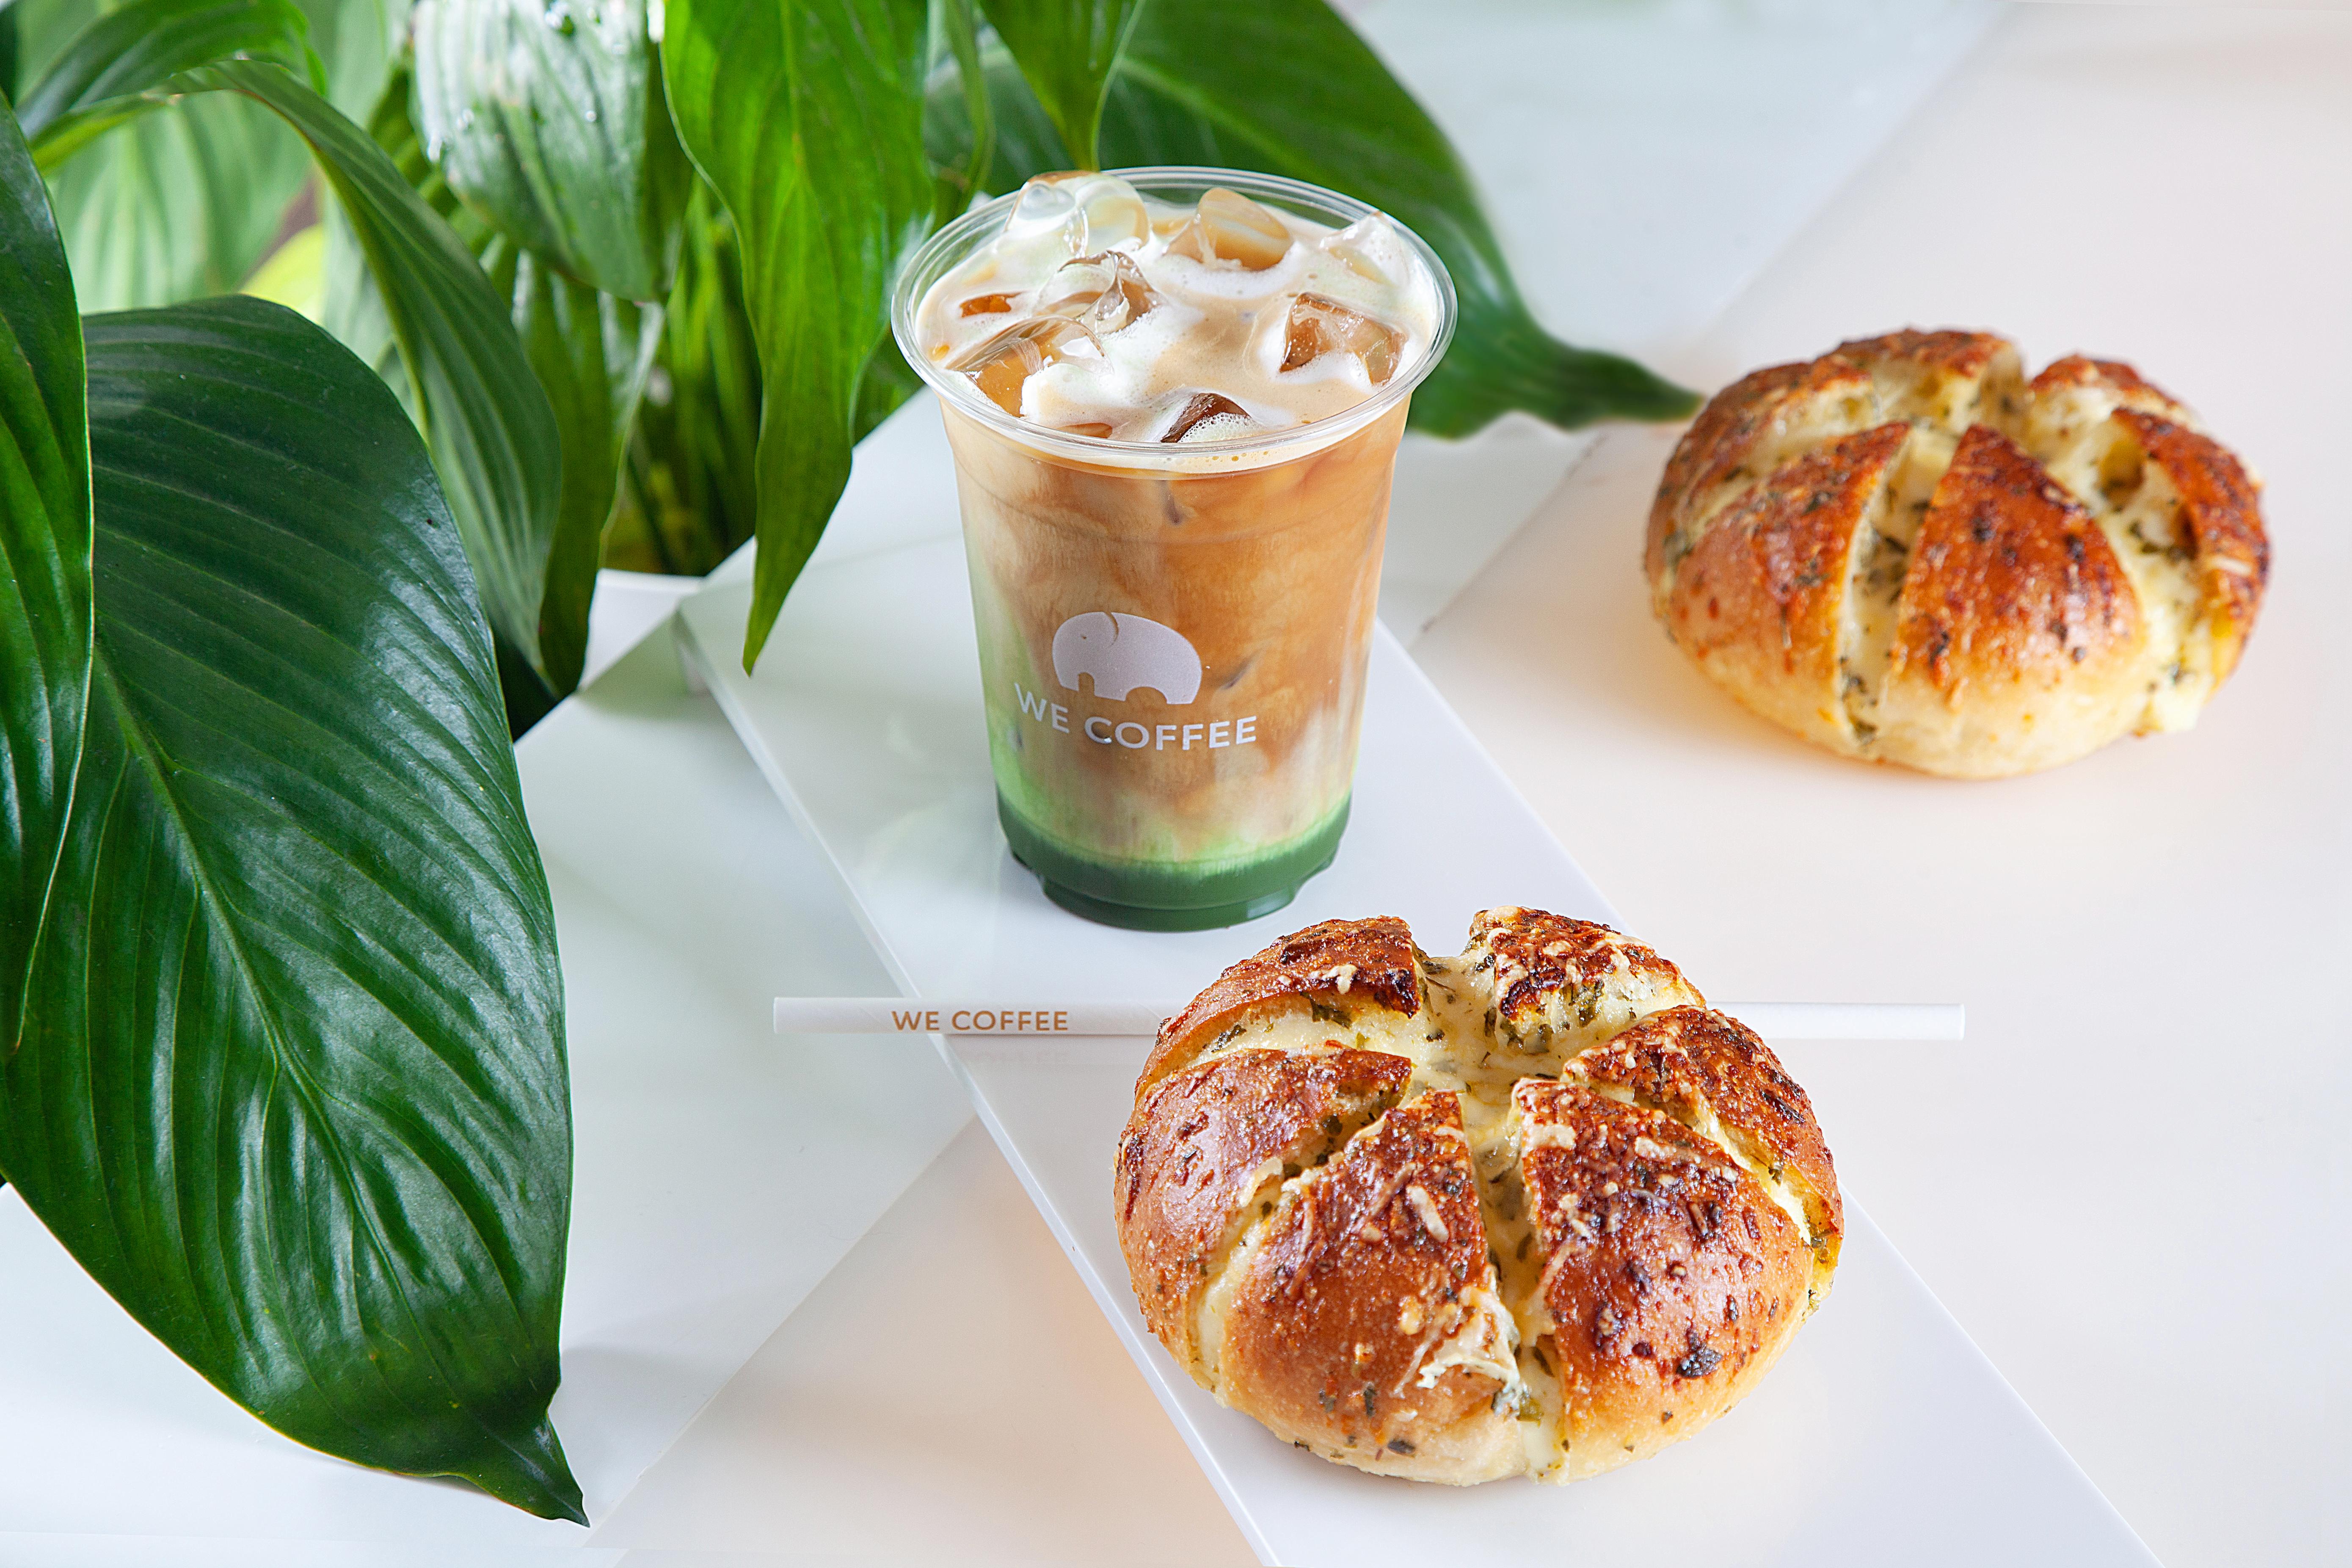 Pão de alho arredondado sobre bancada branca e café com doce de leite e matchá num copo de plástico transparente atrás.